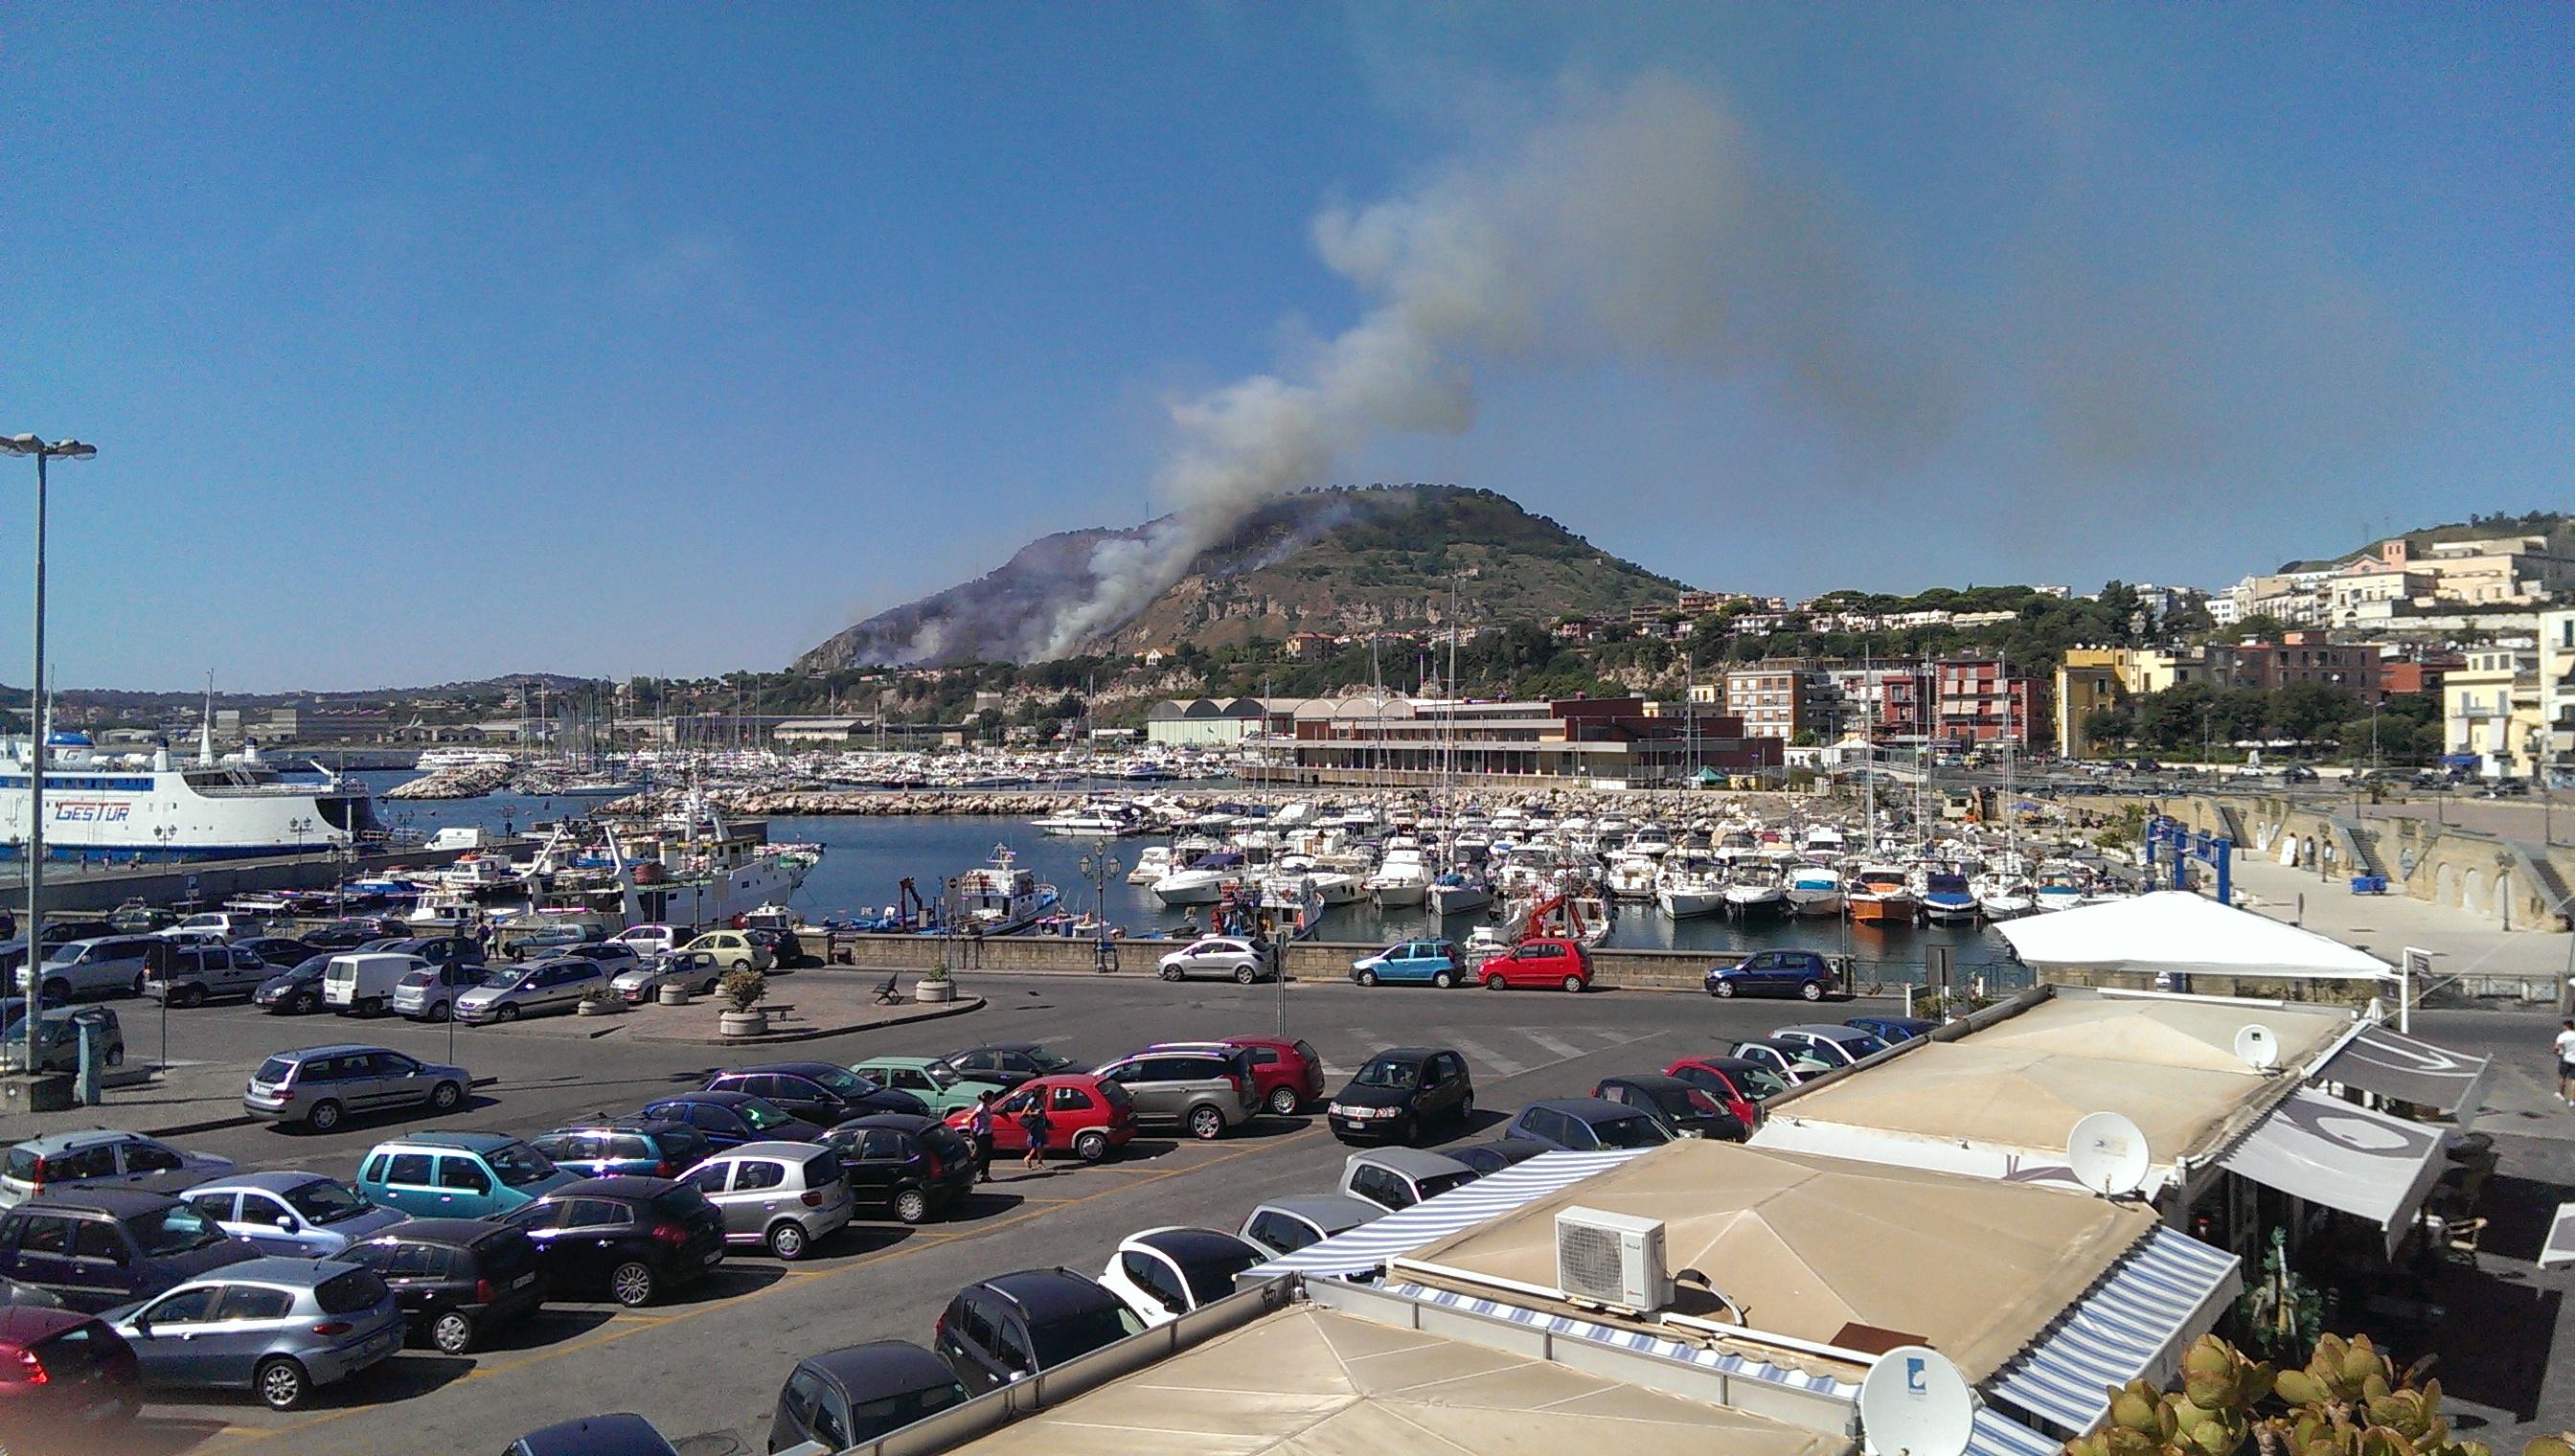 Le colline di Pozzuoli in fiamme, bloccata anche la tangenziale (FOTO - VIDEO)